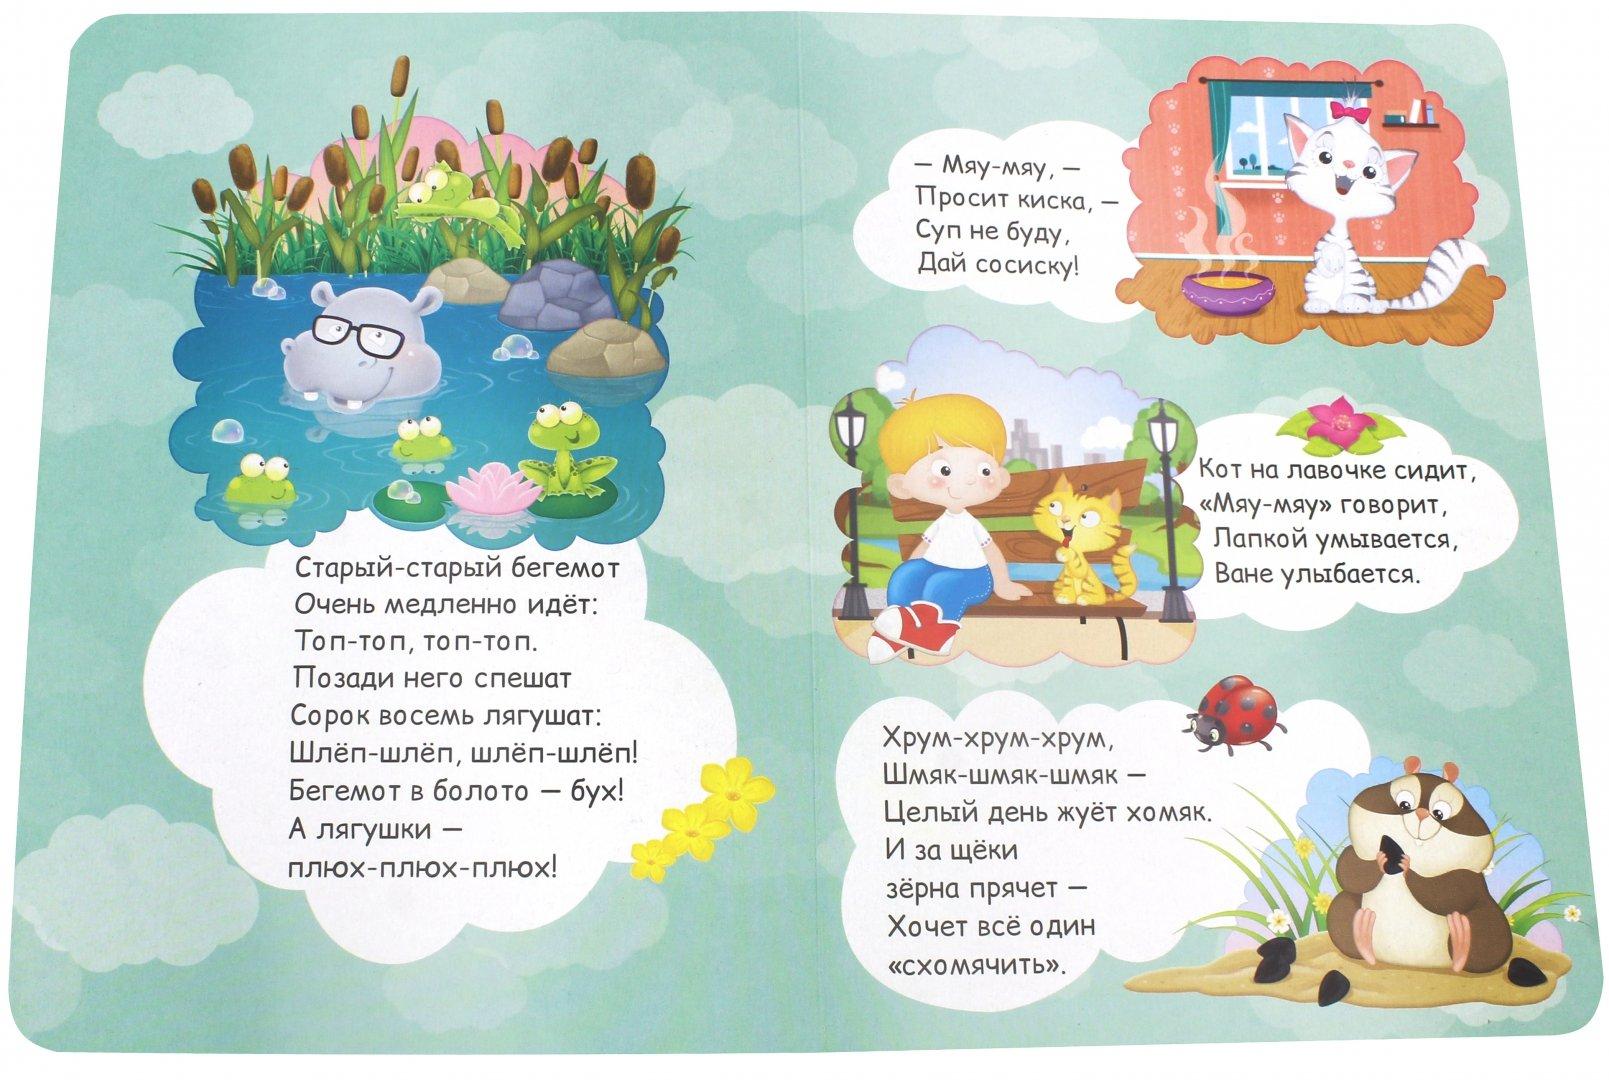 Потешки для развития речи малышам, их роль, детские песни